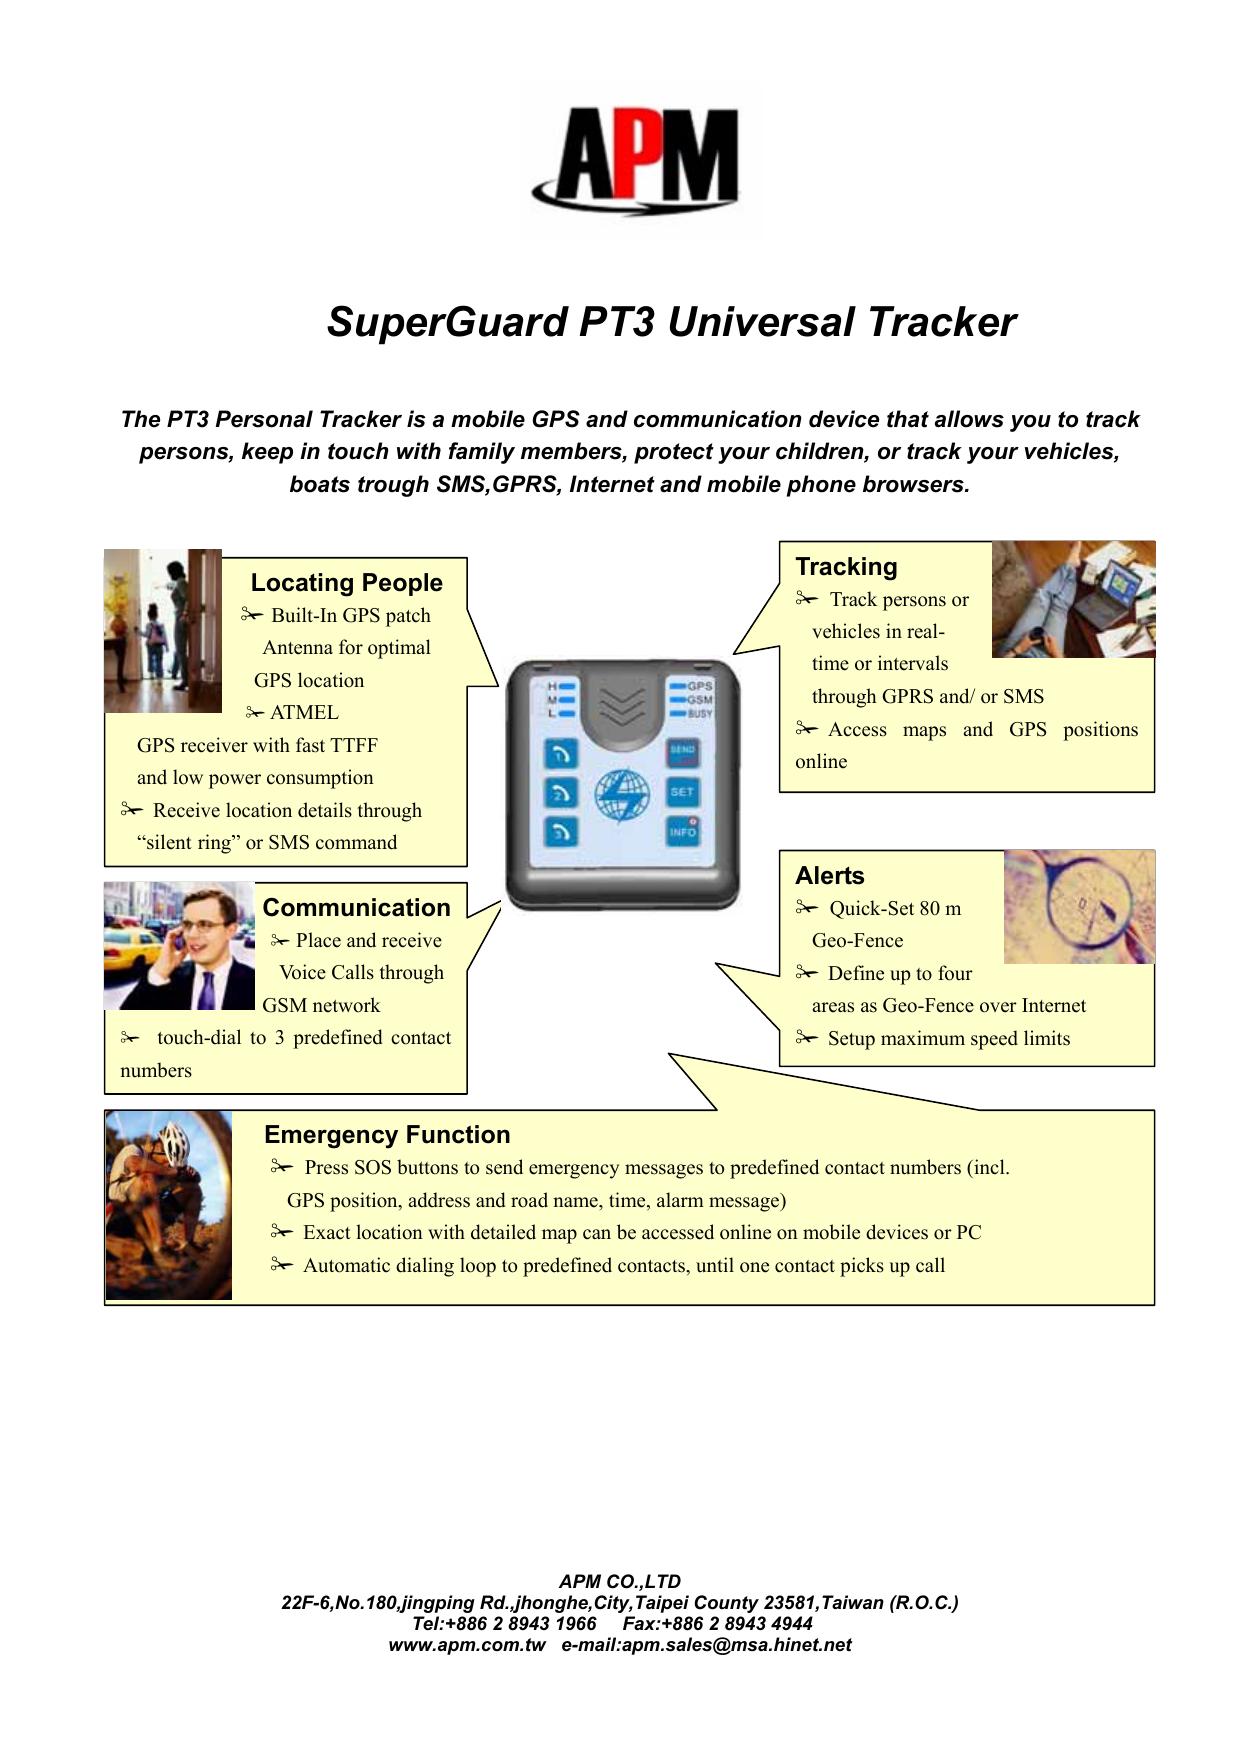 SuperGuard PT3 Universal Tracker | manualzz com